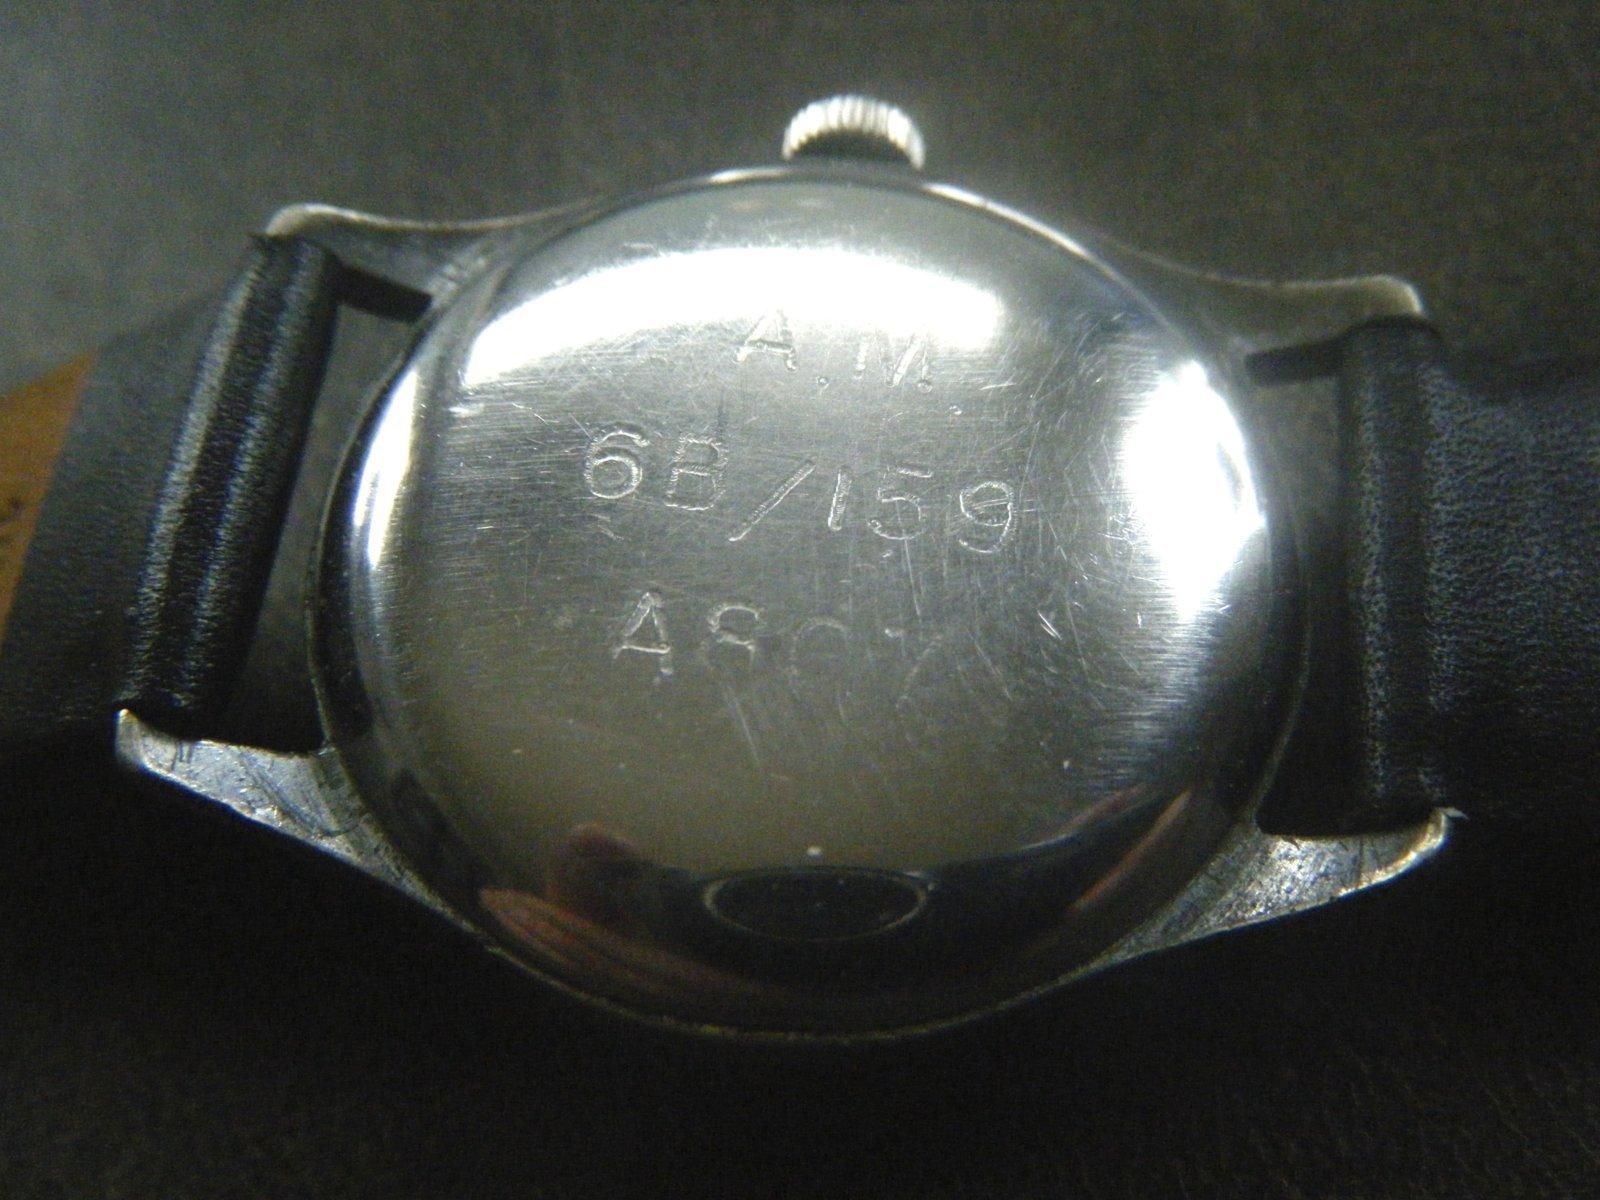 DSCF1435.JPG